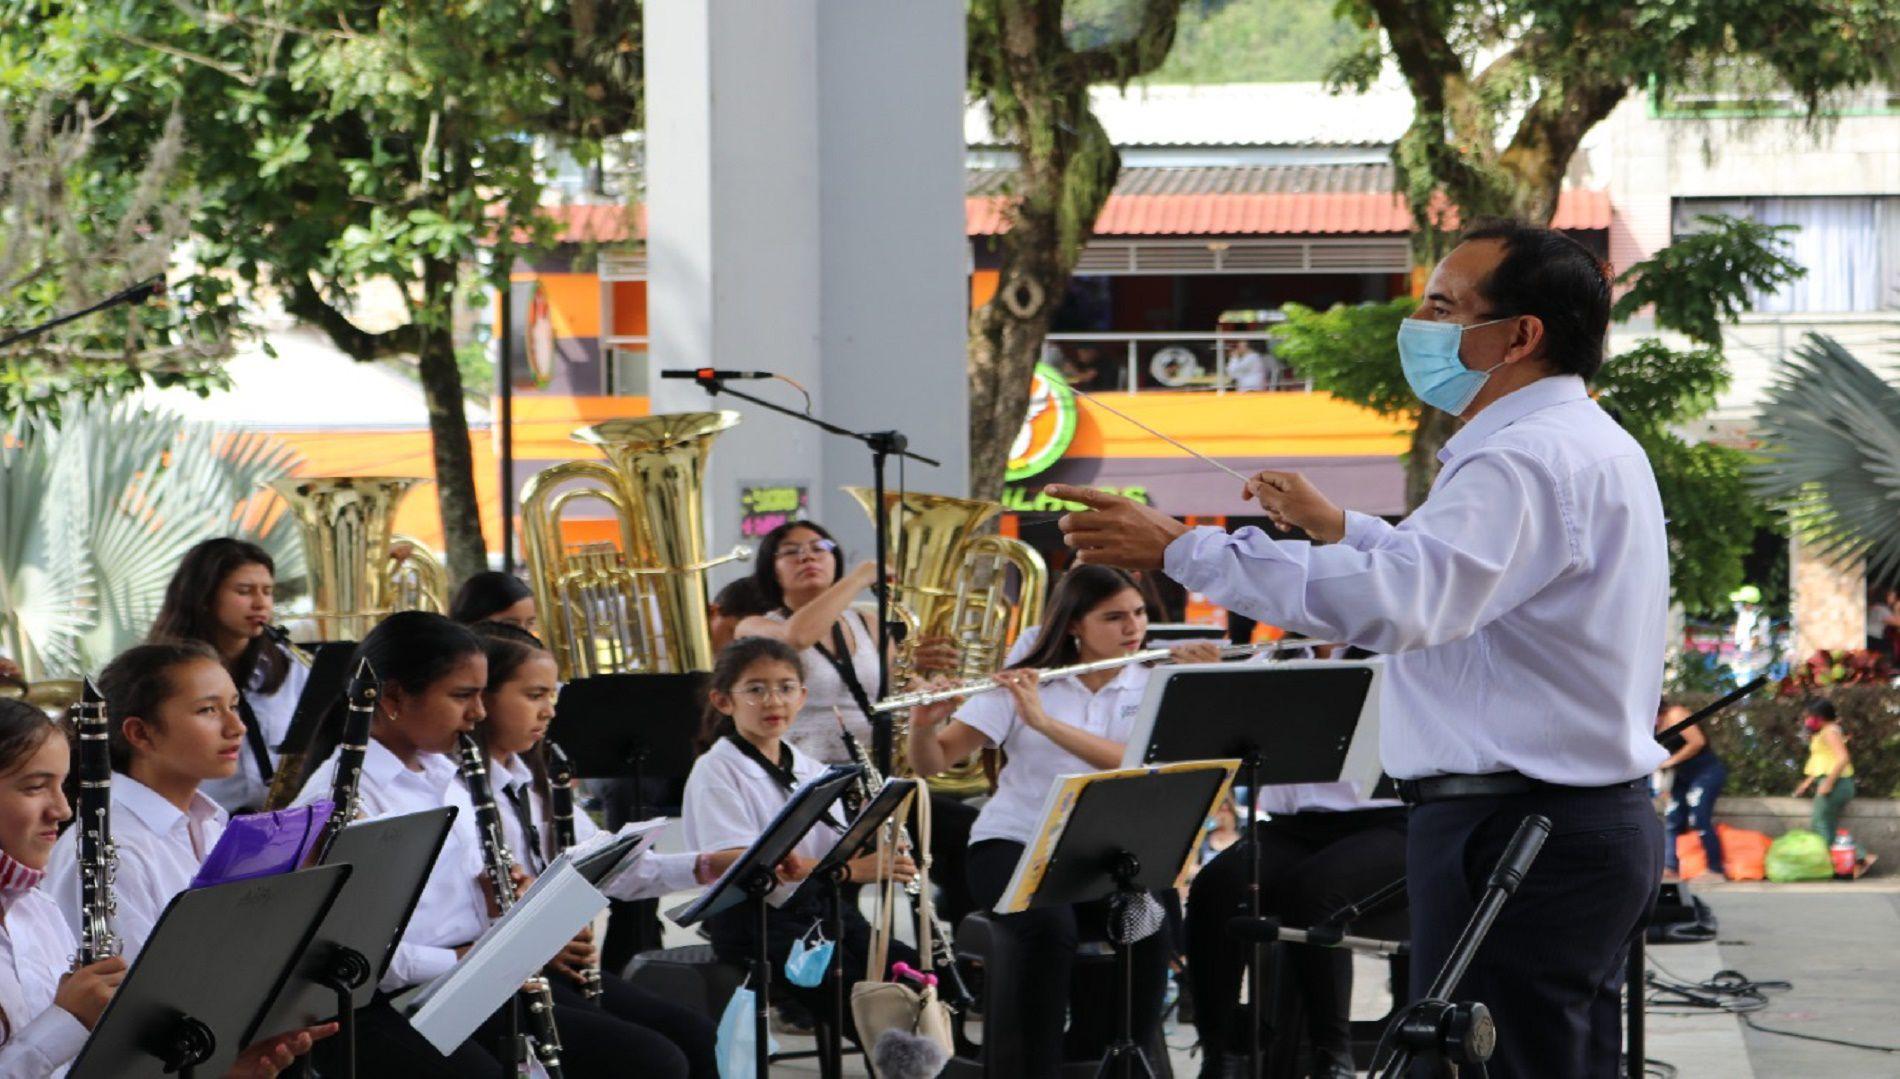 Concurso Nacional de Bandas engalana a La Vega con actividades culturales para los habitantes del municipio